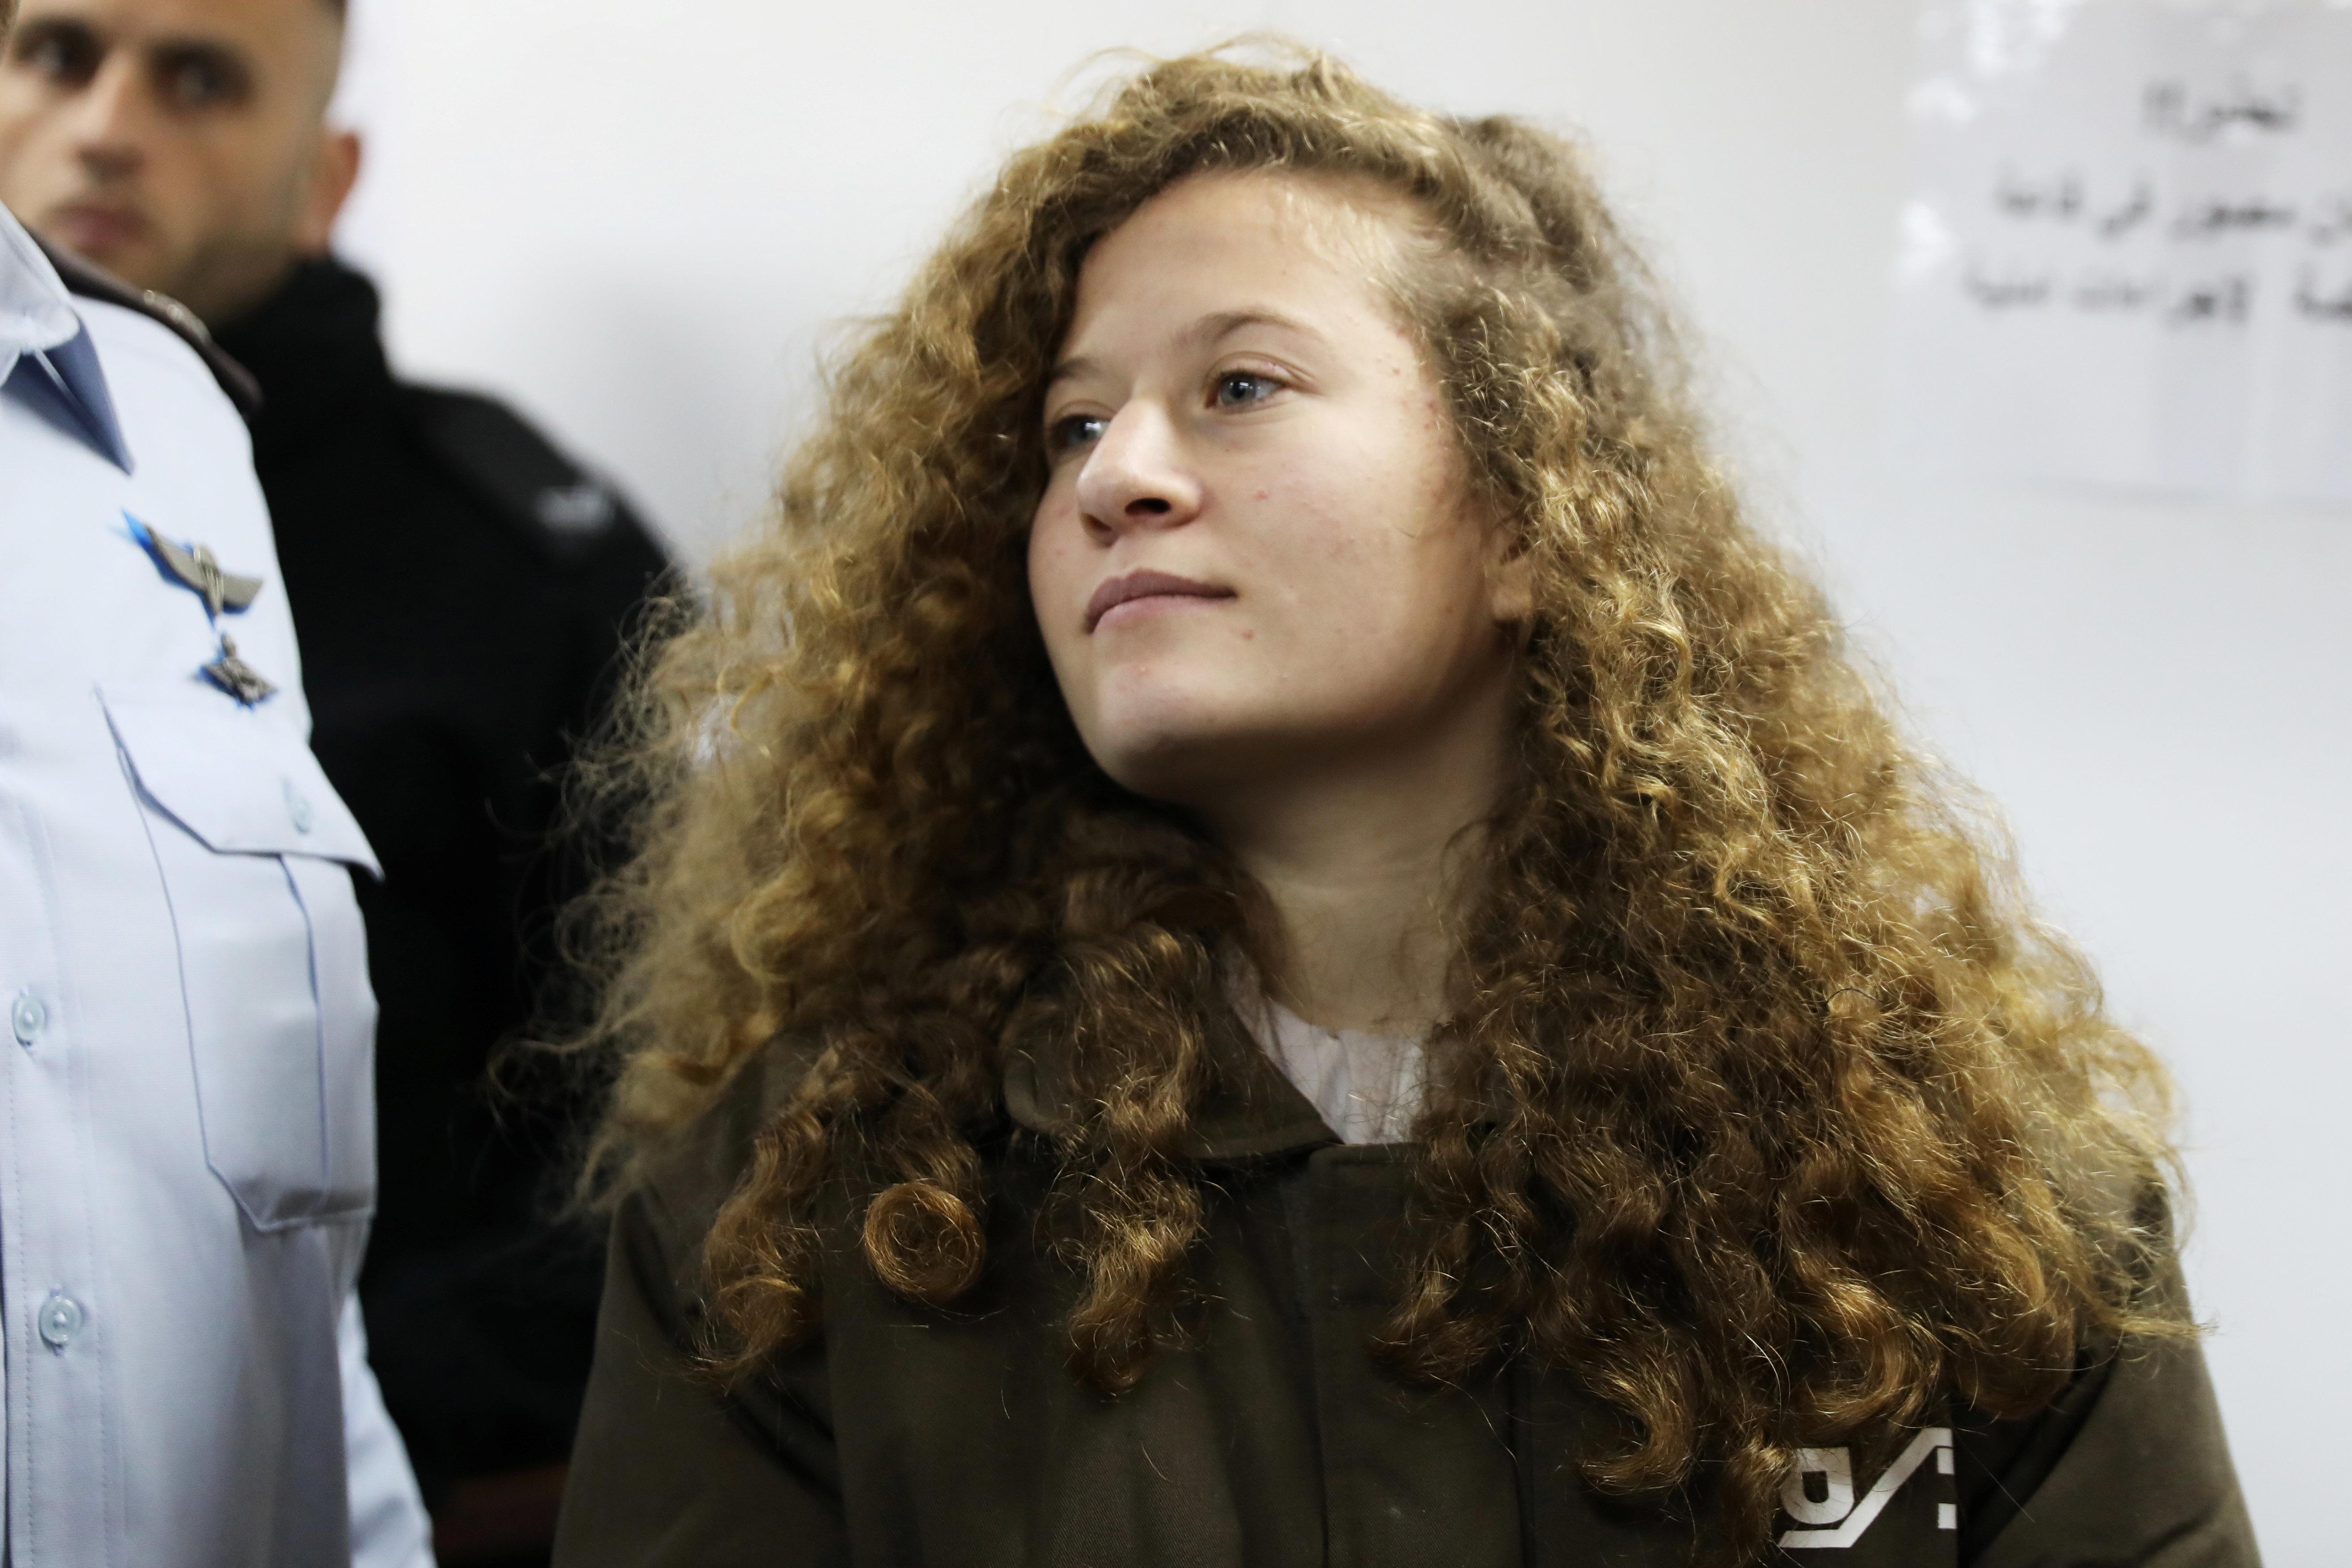 La jeune Palestinienne Ahed Tamimi aurait accepté un accord